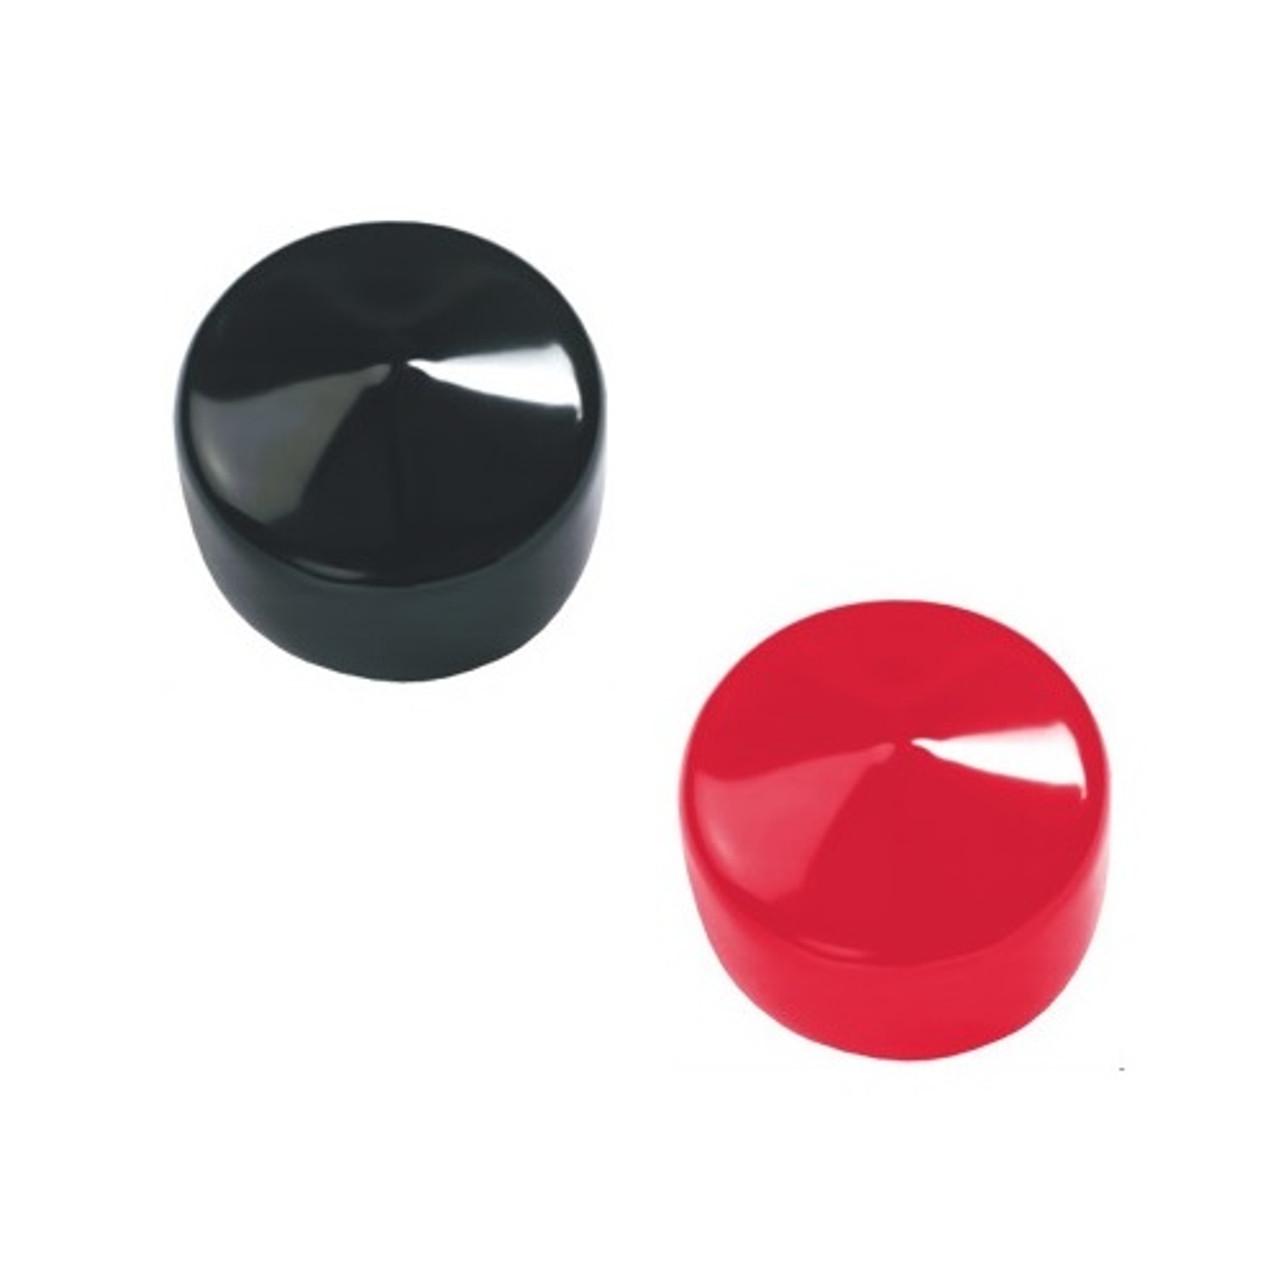 """1/2"""" x 1/2"""" Round Tuff Pak Cap - 1,000 in Red or Black"""